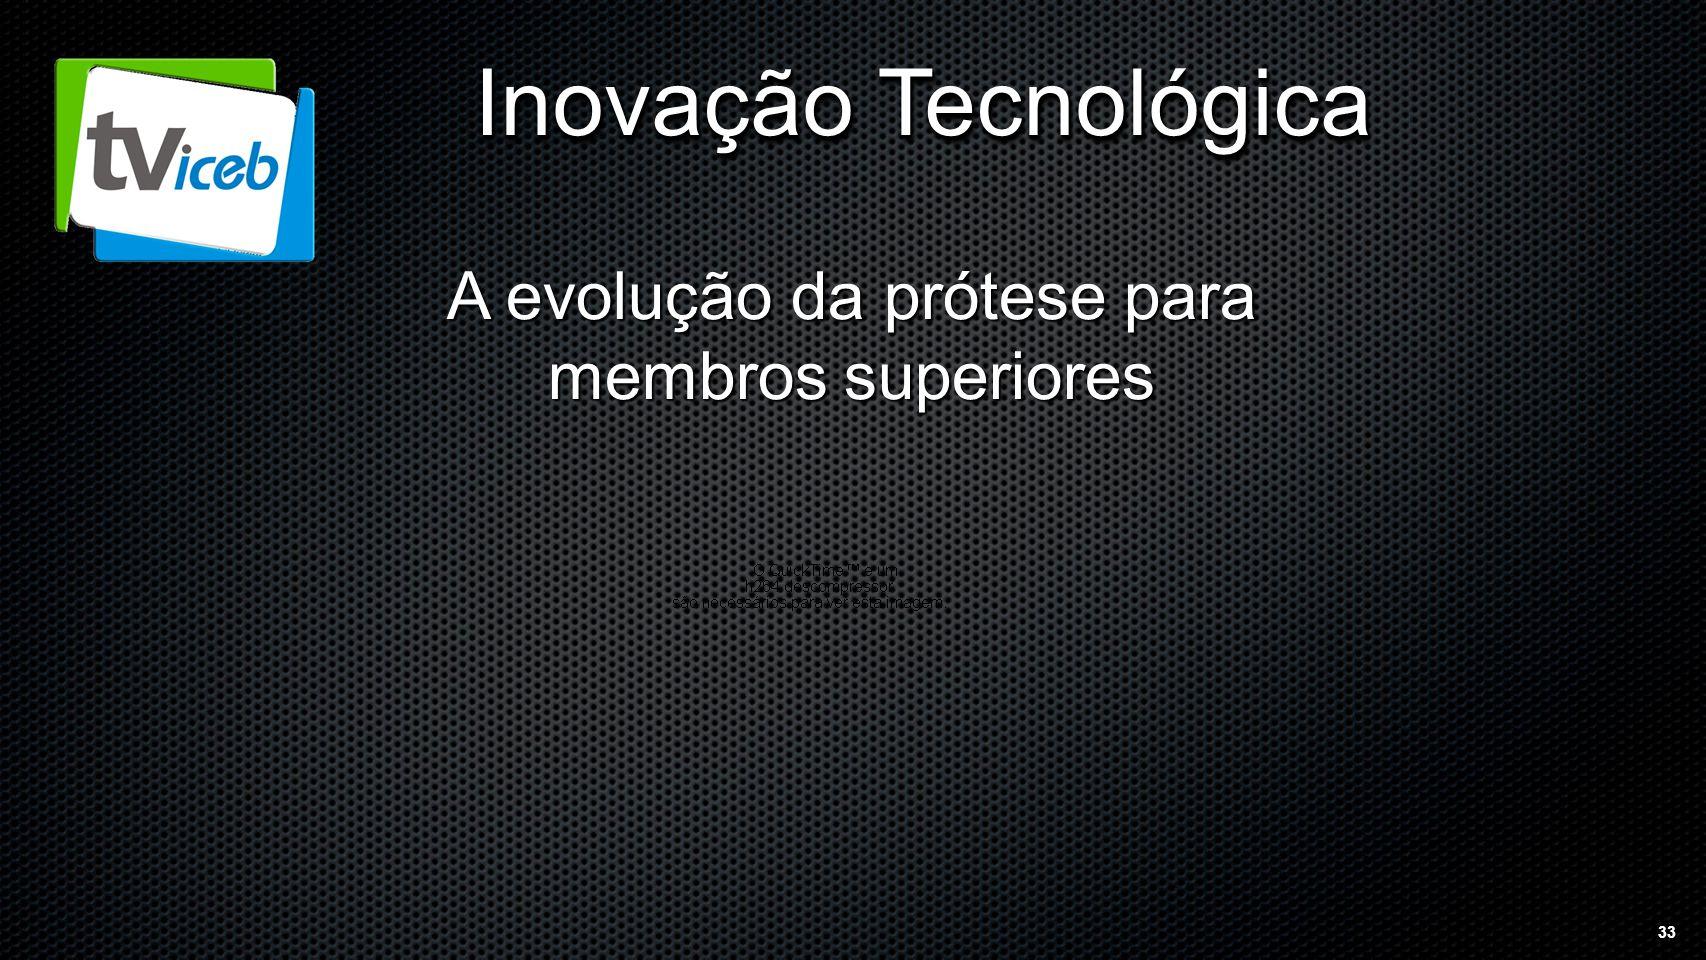 33 Inovação Tecnológica A evolução da prótese para membros superiores